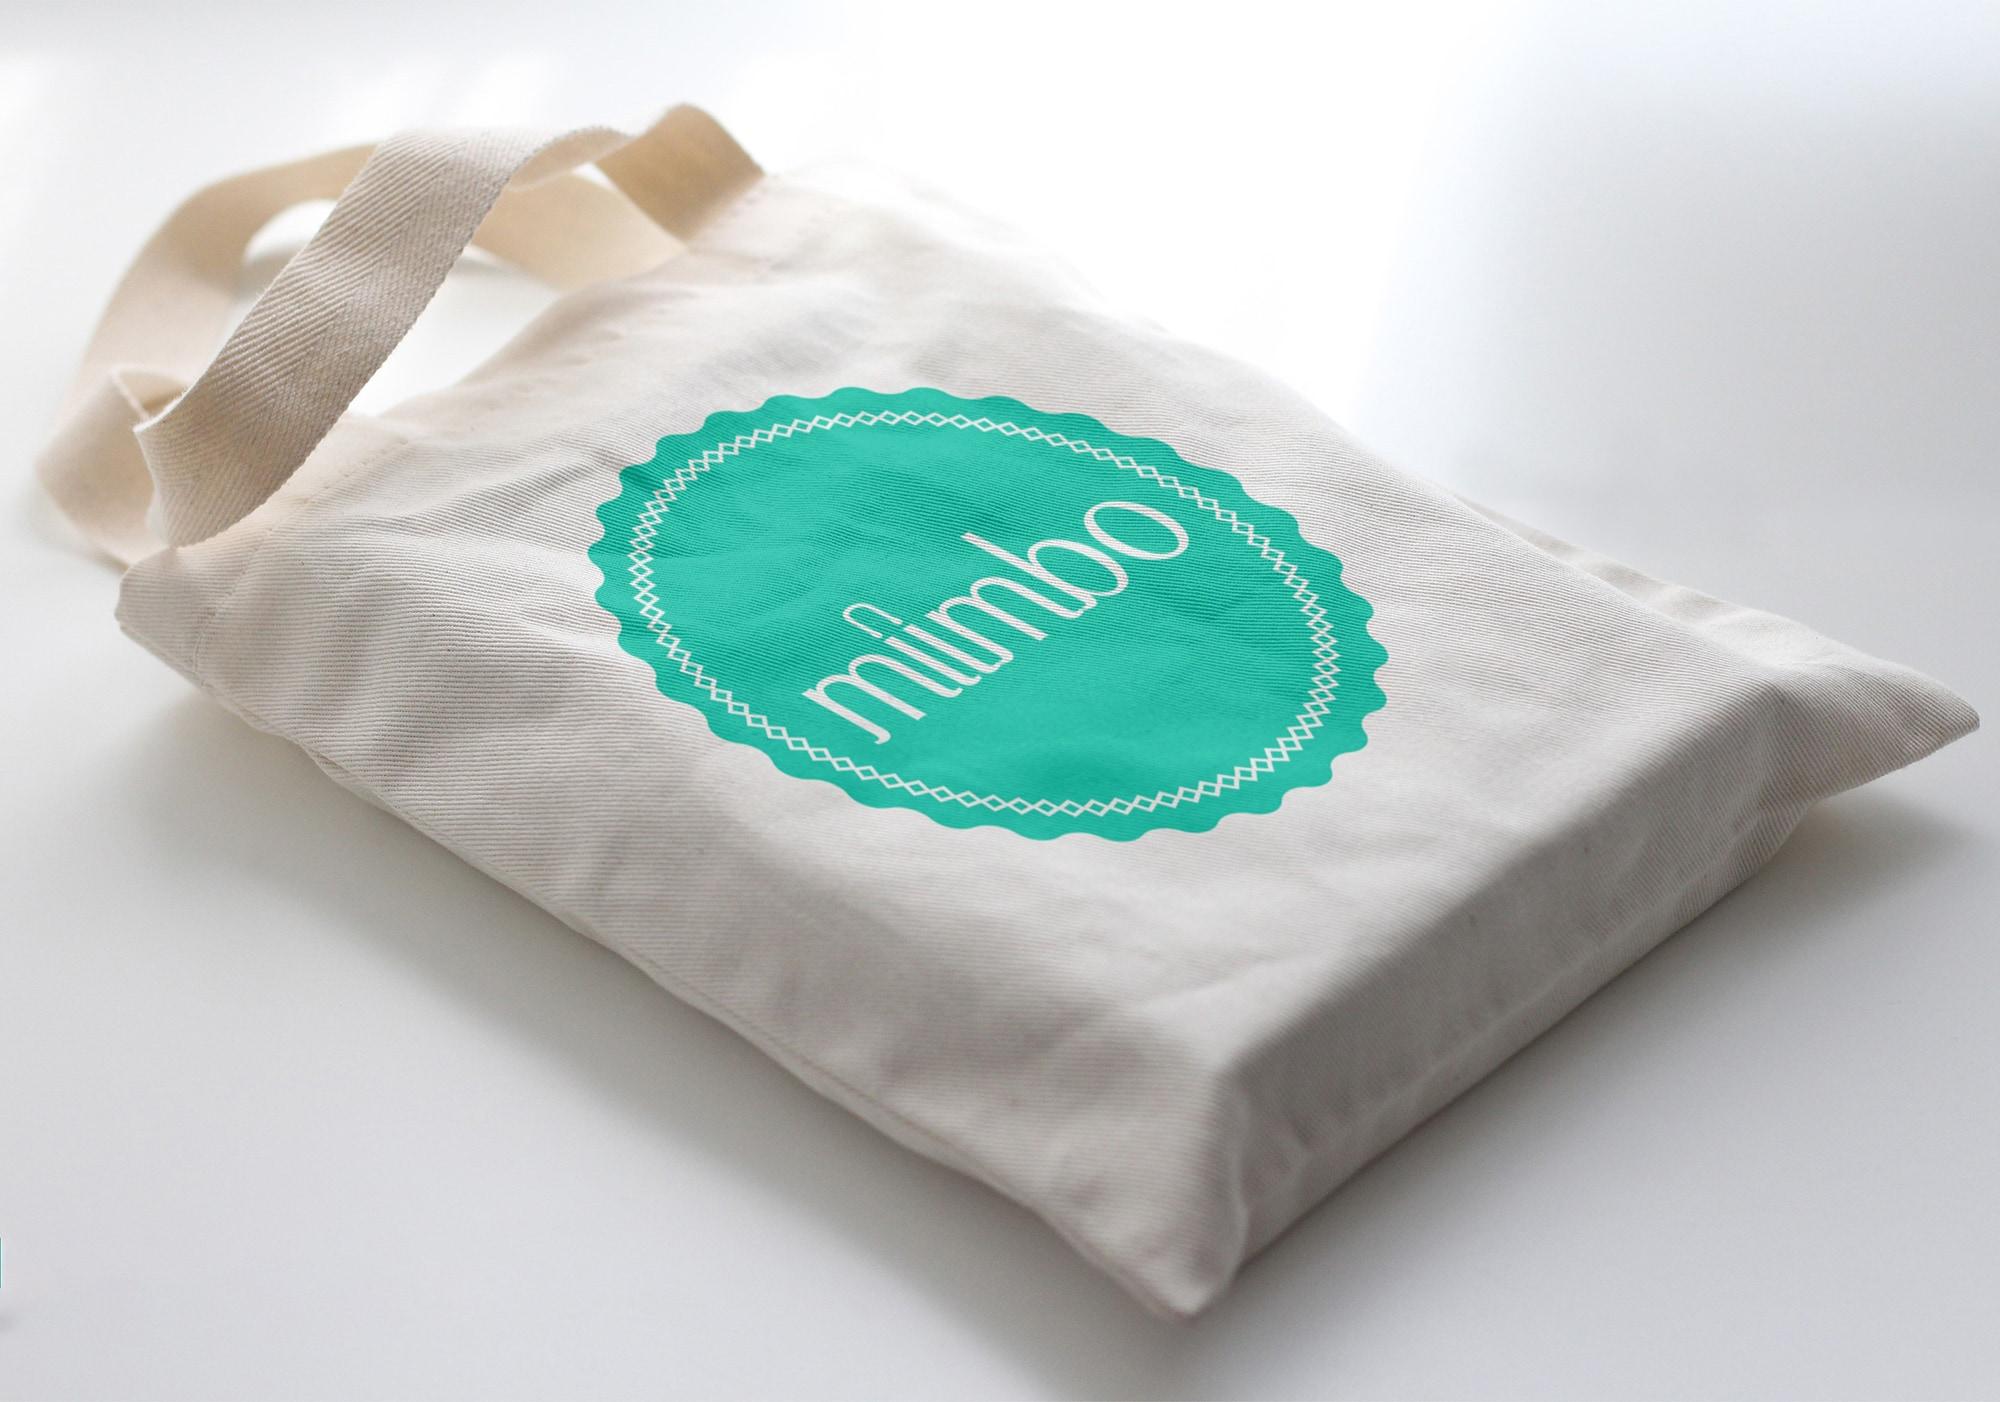 Miimbo Packaging Design